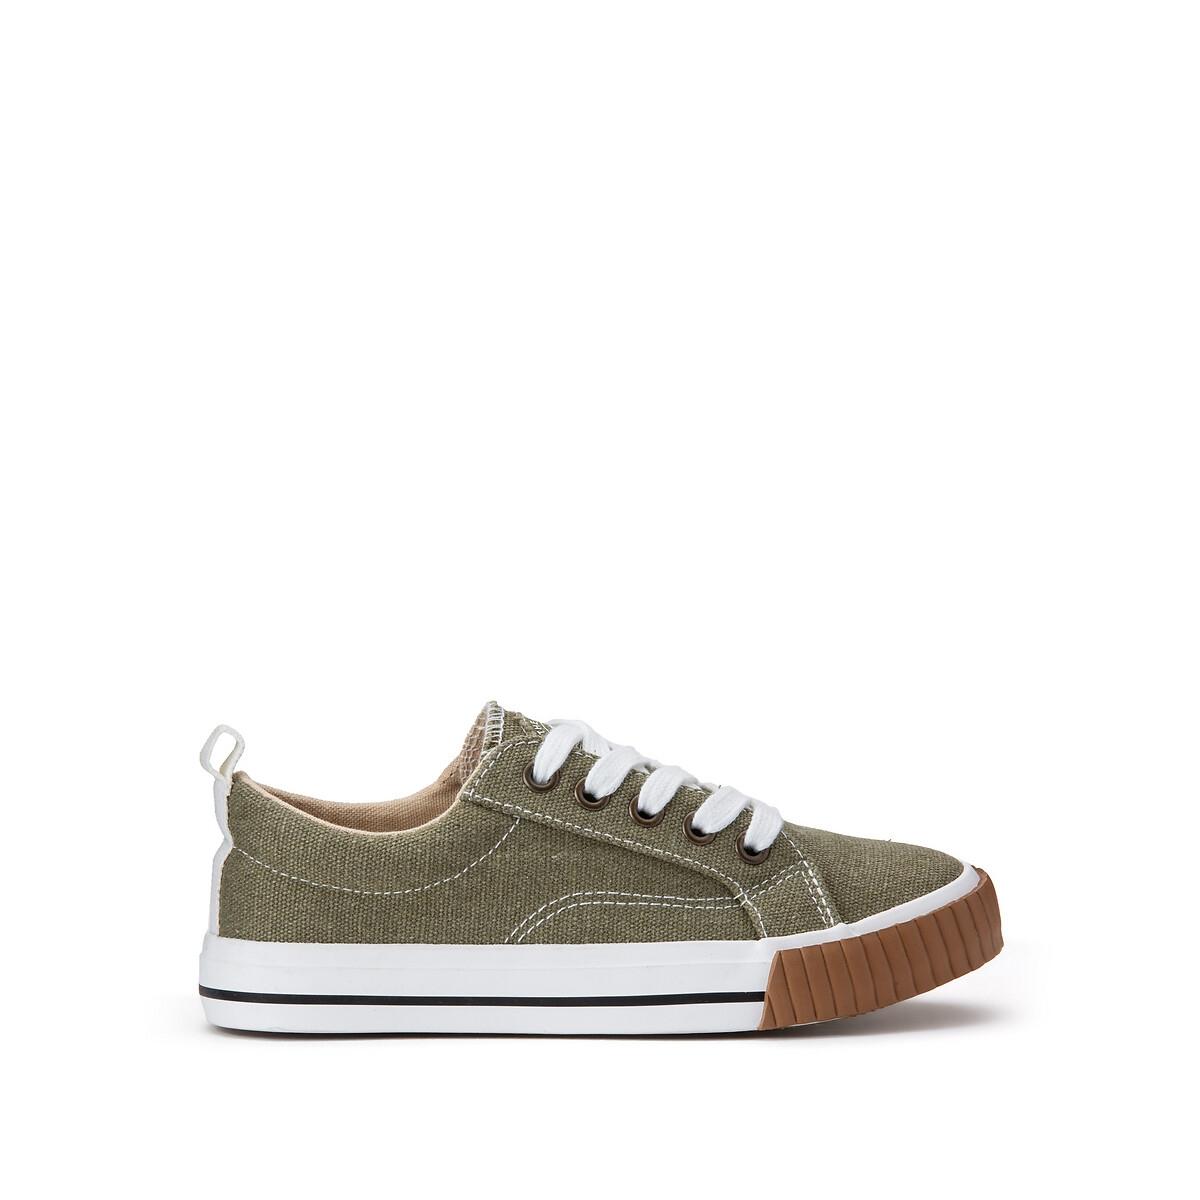 Кеды LaRedoute Тканевые на шнуровке размеры 26-39 28 зеленый кеды laredoute высокие тканевые на шнуровке 39 белый